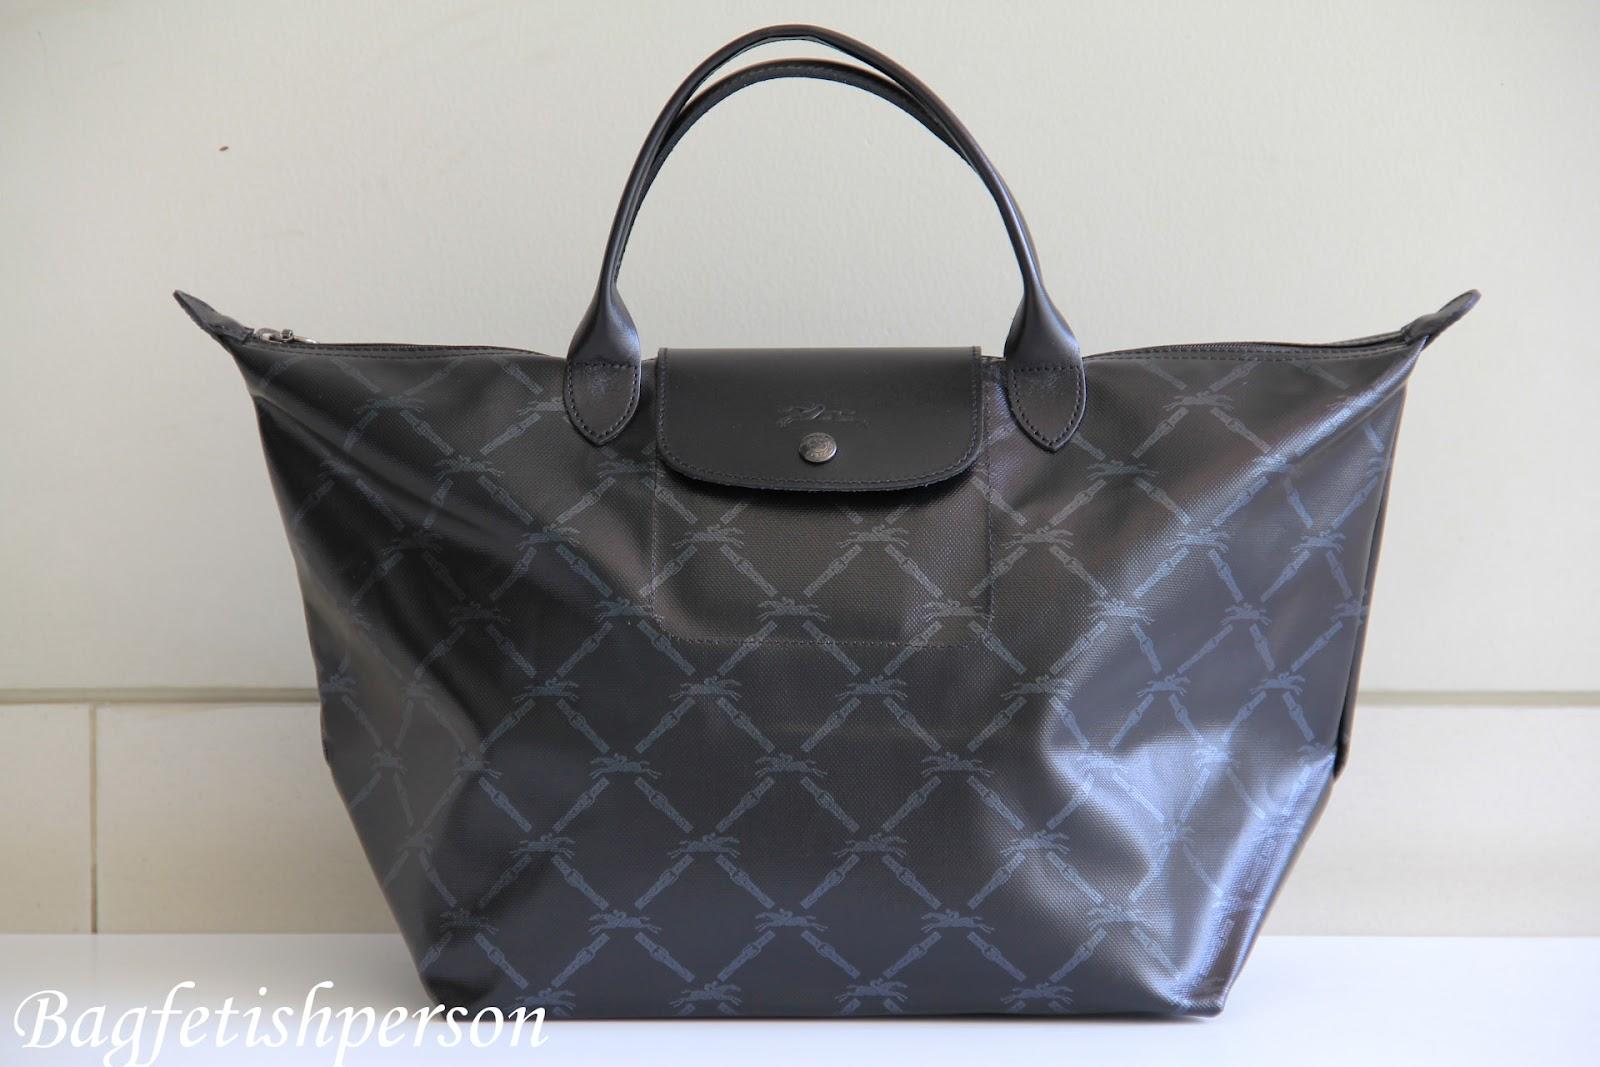 http://4.bp.blogspot.com/-nXknOvkskwQ/T2PjbbSJbWI/AAAAAAAACD0/QBSq-s0T2Bo/s1600/Longchamp+LM+Metal+Black+SS12+-2.jpg